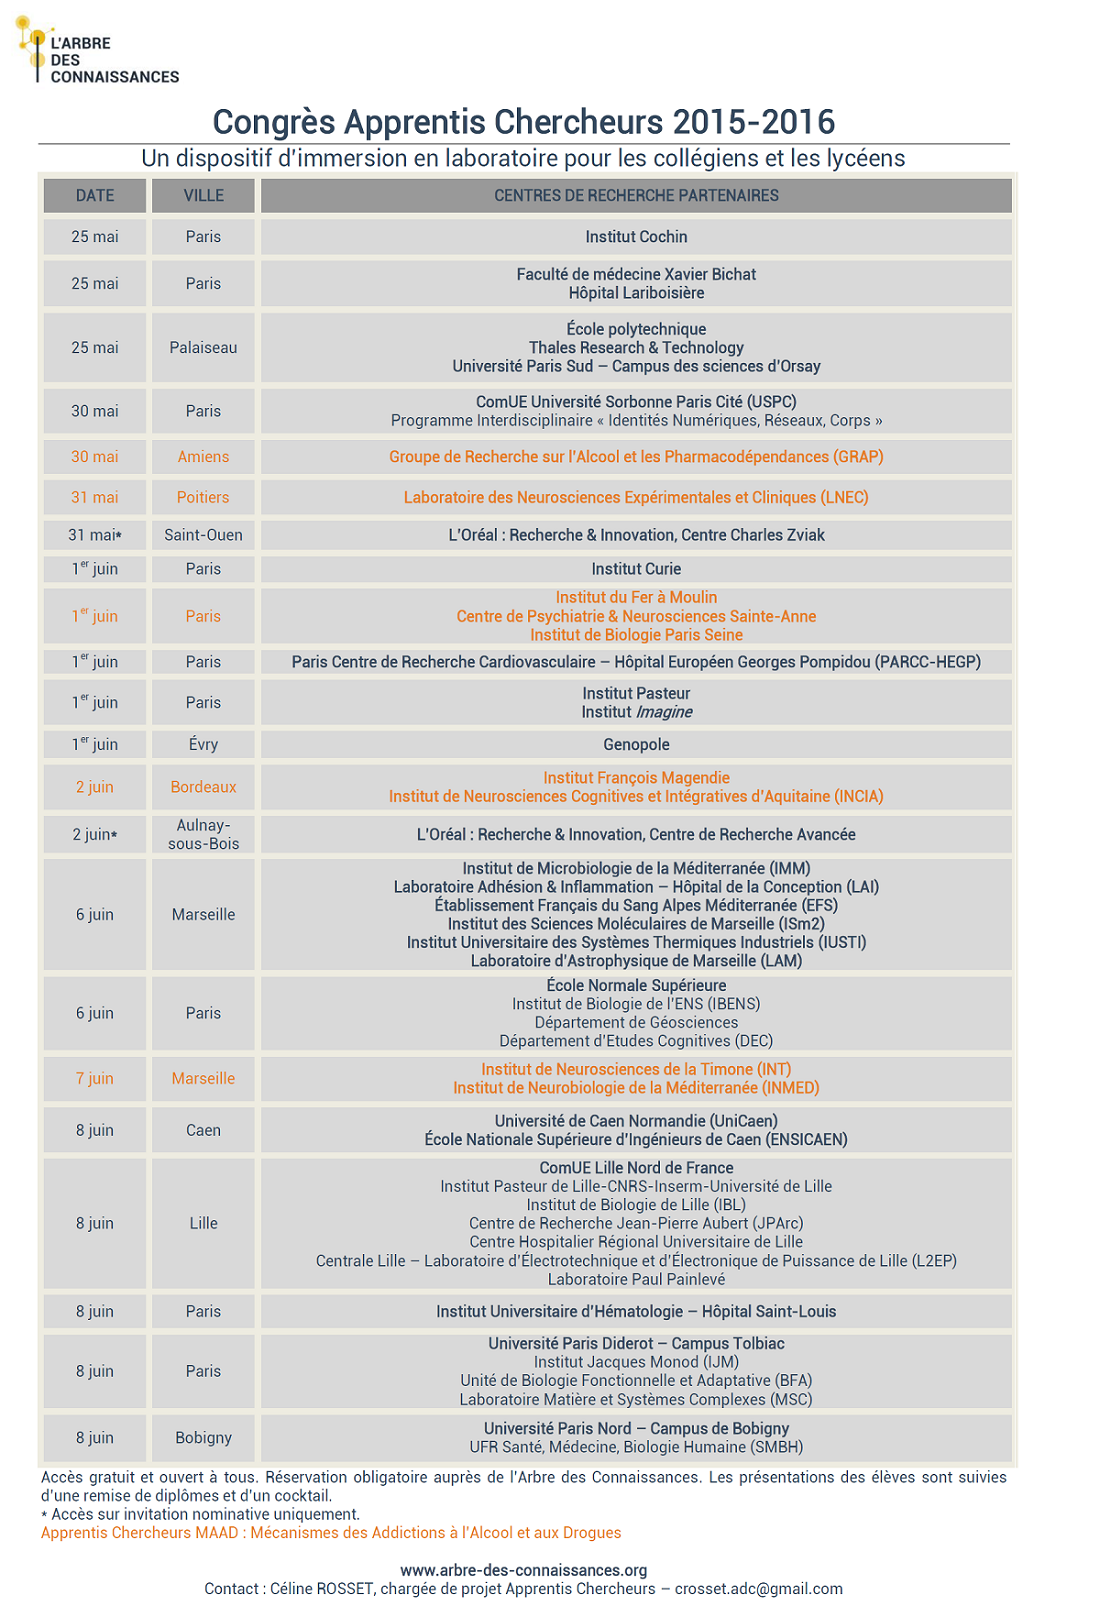 Calendrier national Congrès Apprentis Chercheurs 2016_20160401_1200px